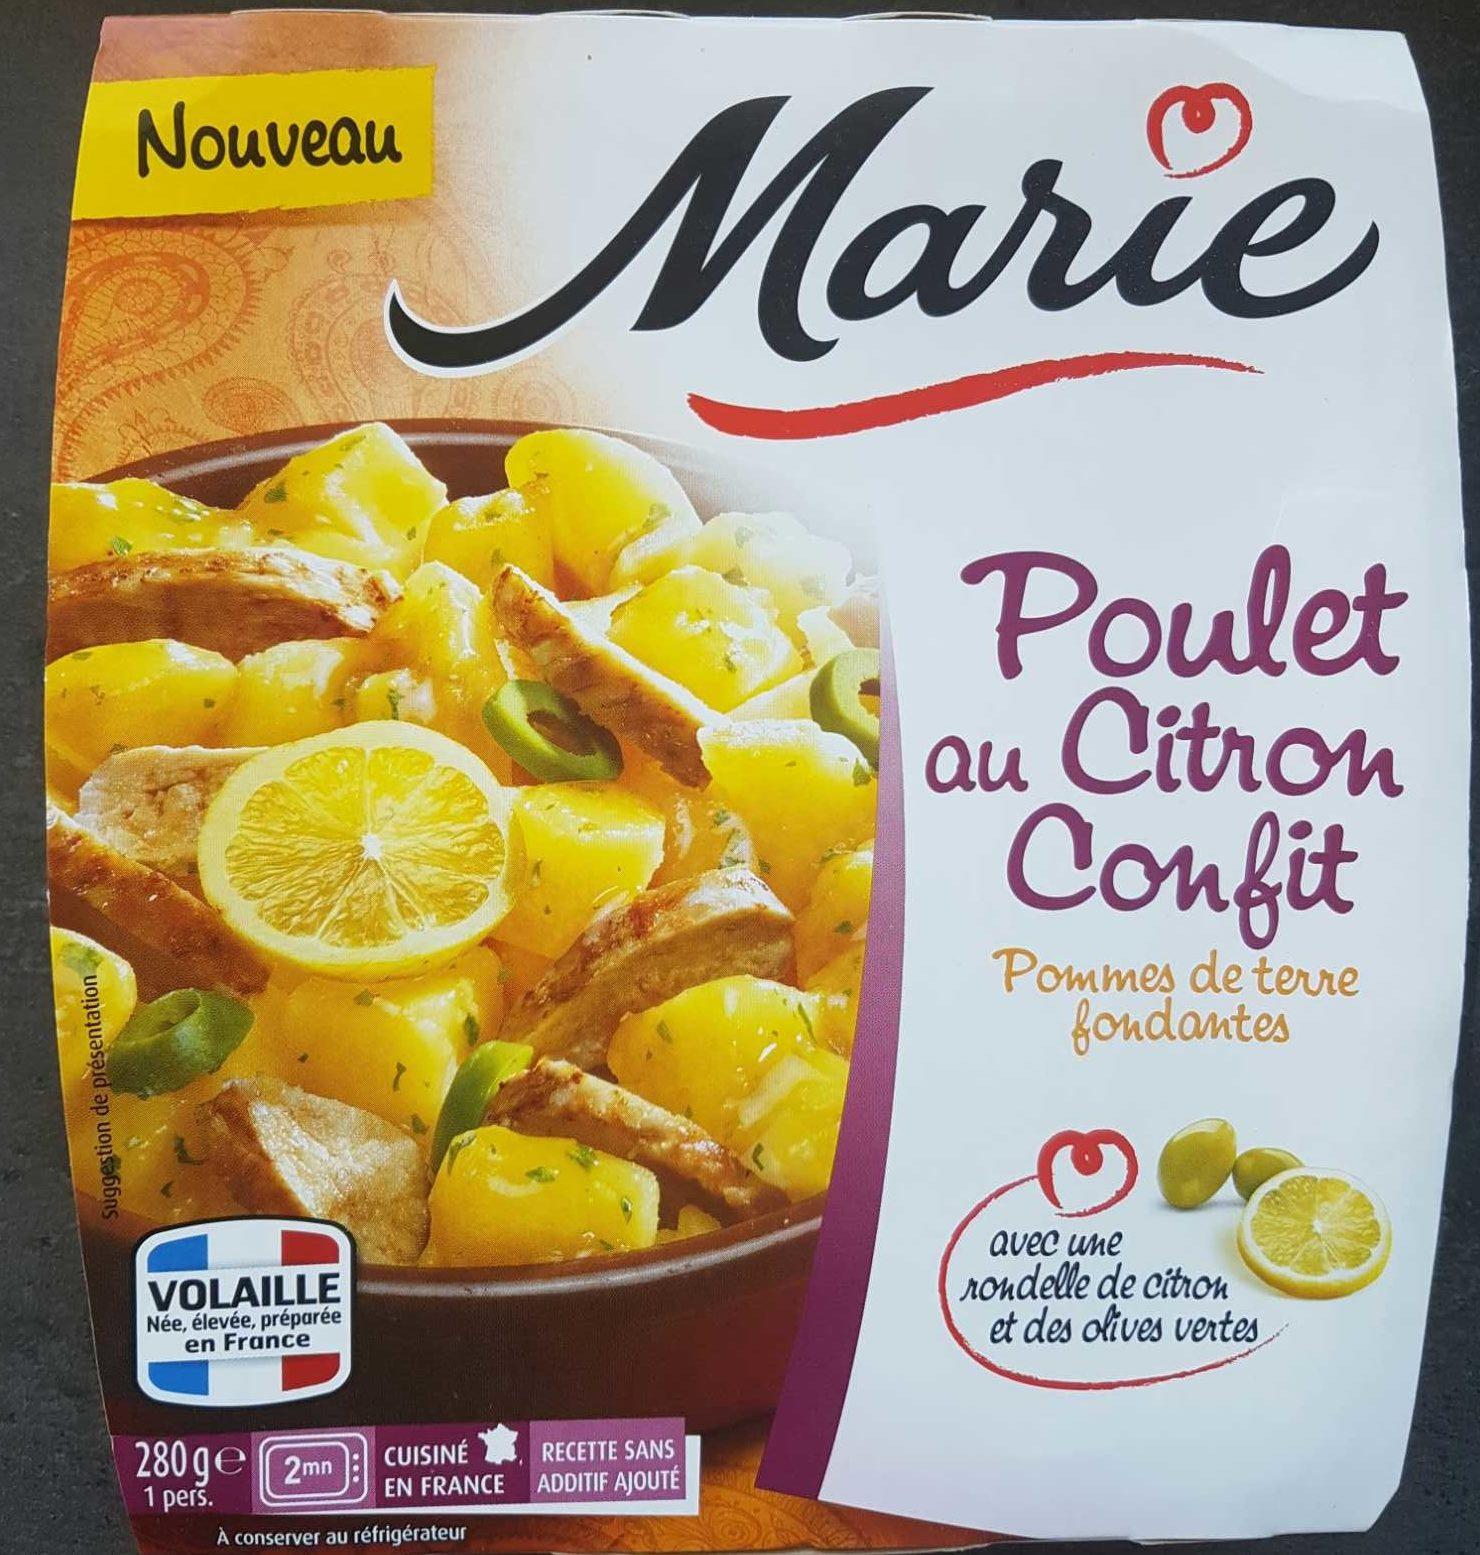 Poulet au citron confit - Product - fr